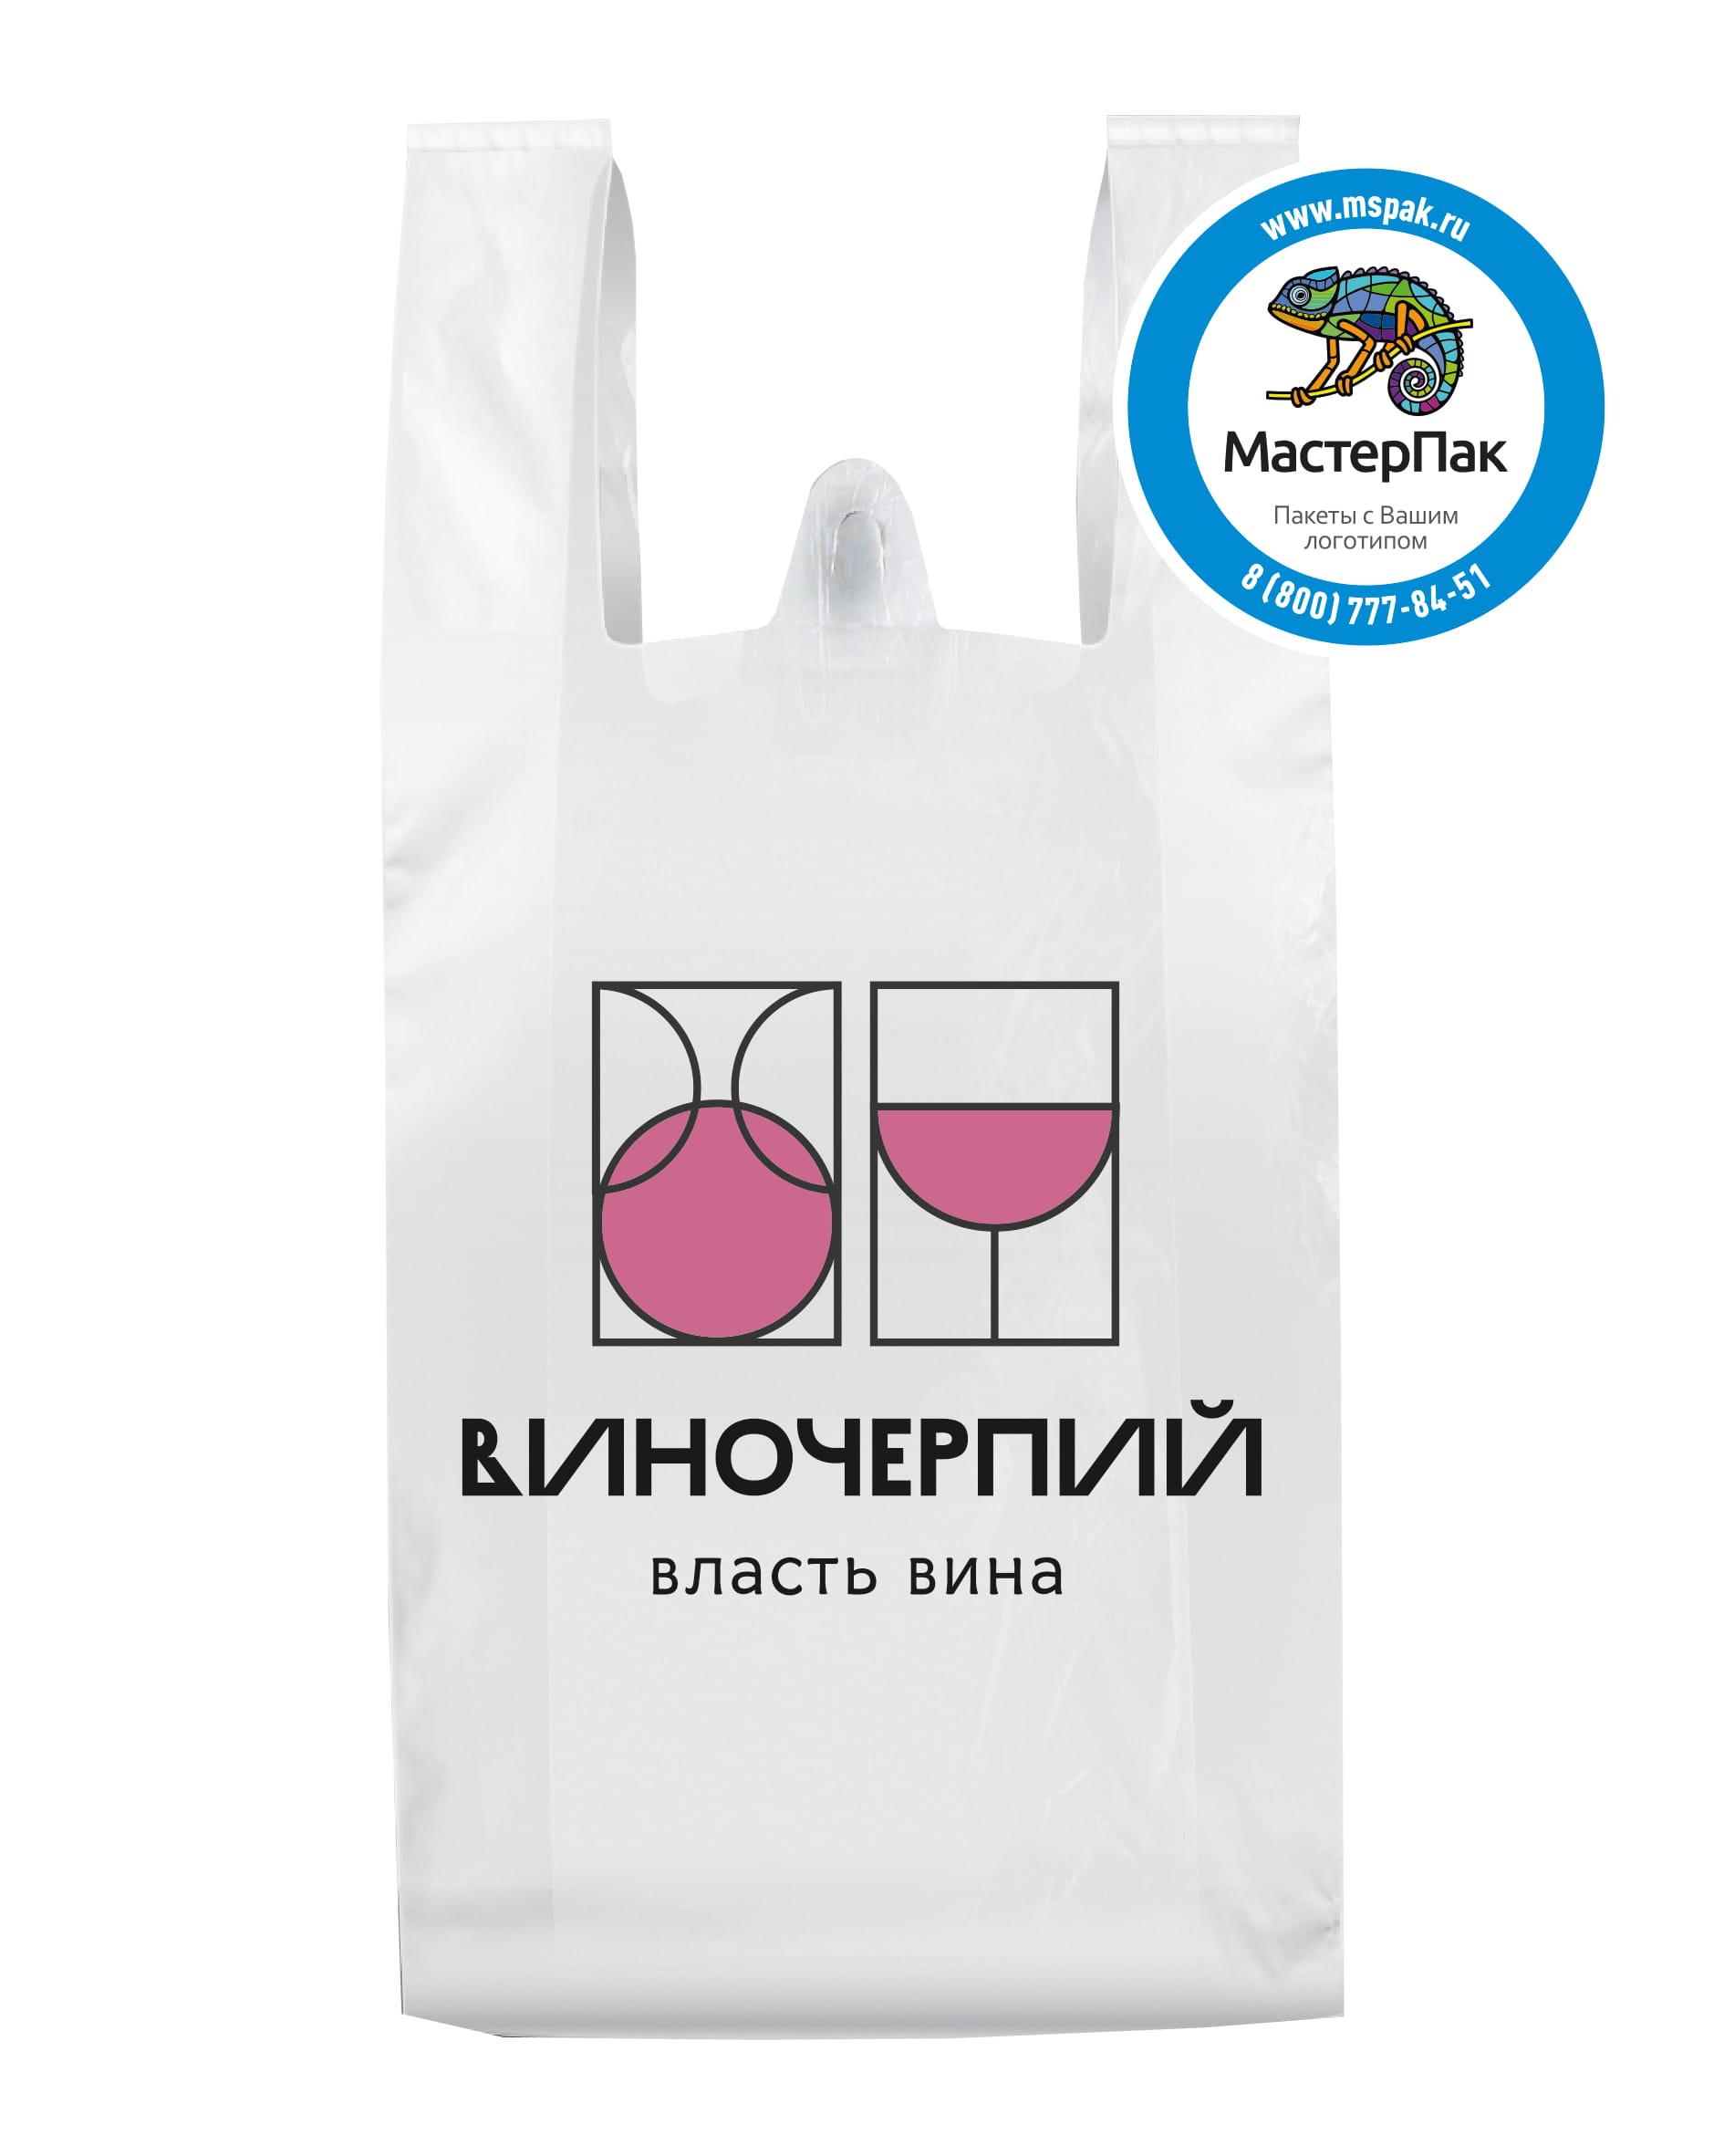 Пакет-майка ПНД с логотипом Виночерпий, 25 мкм, 36*60, Ростов-на-Дону